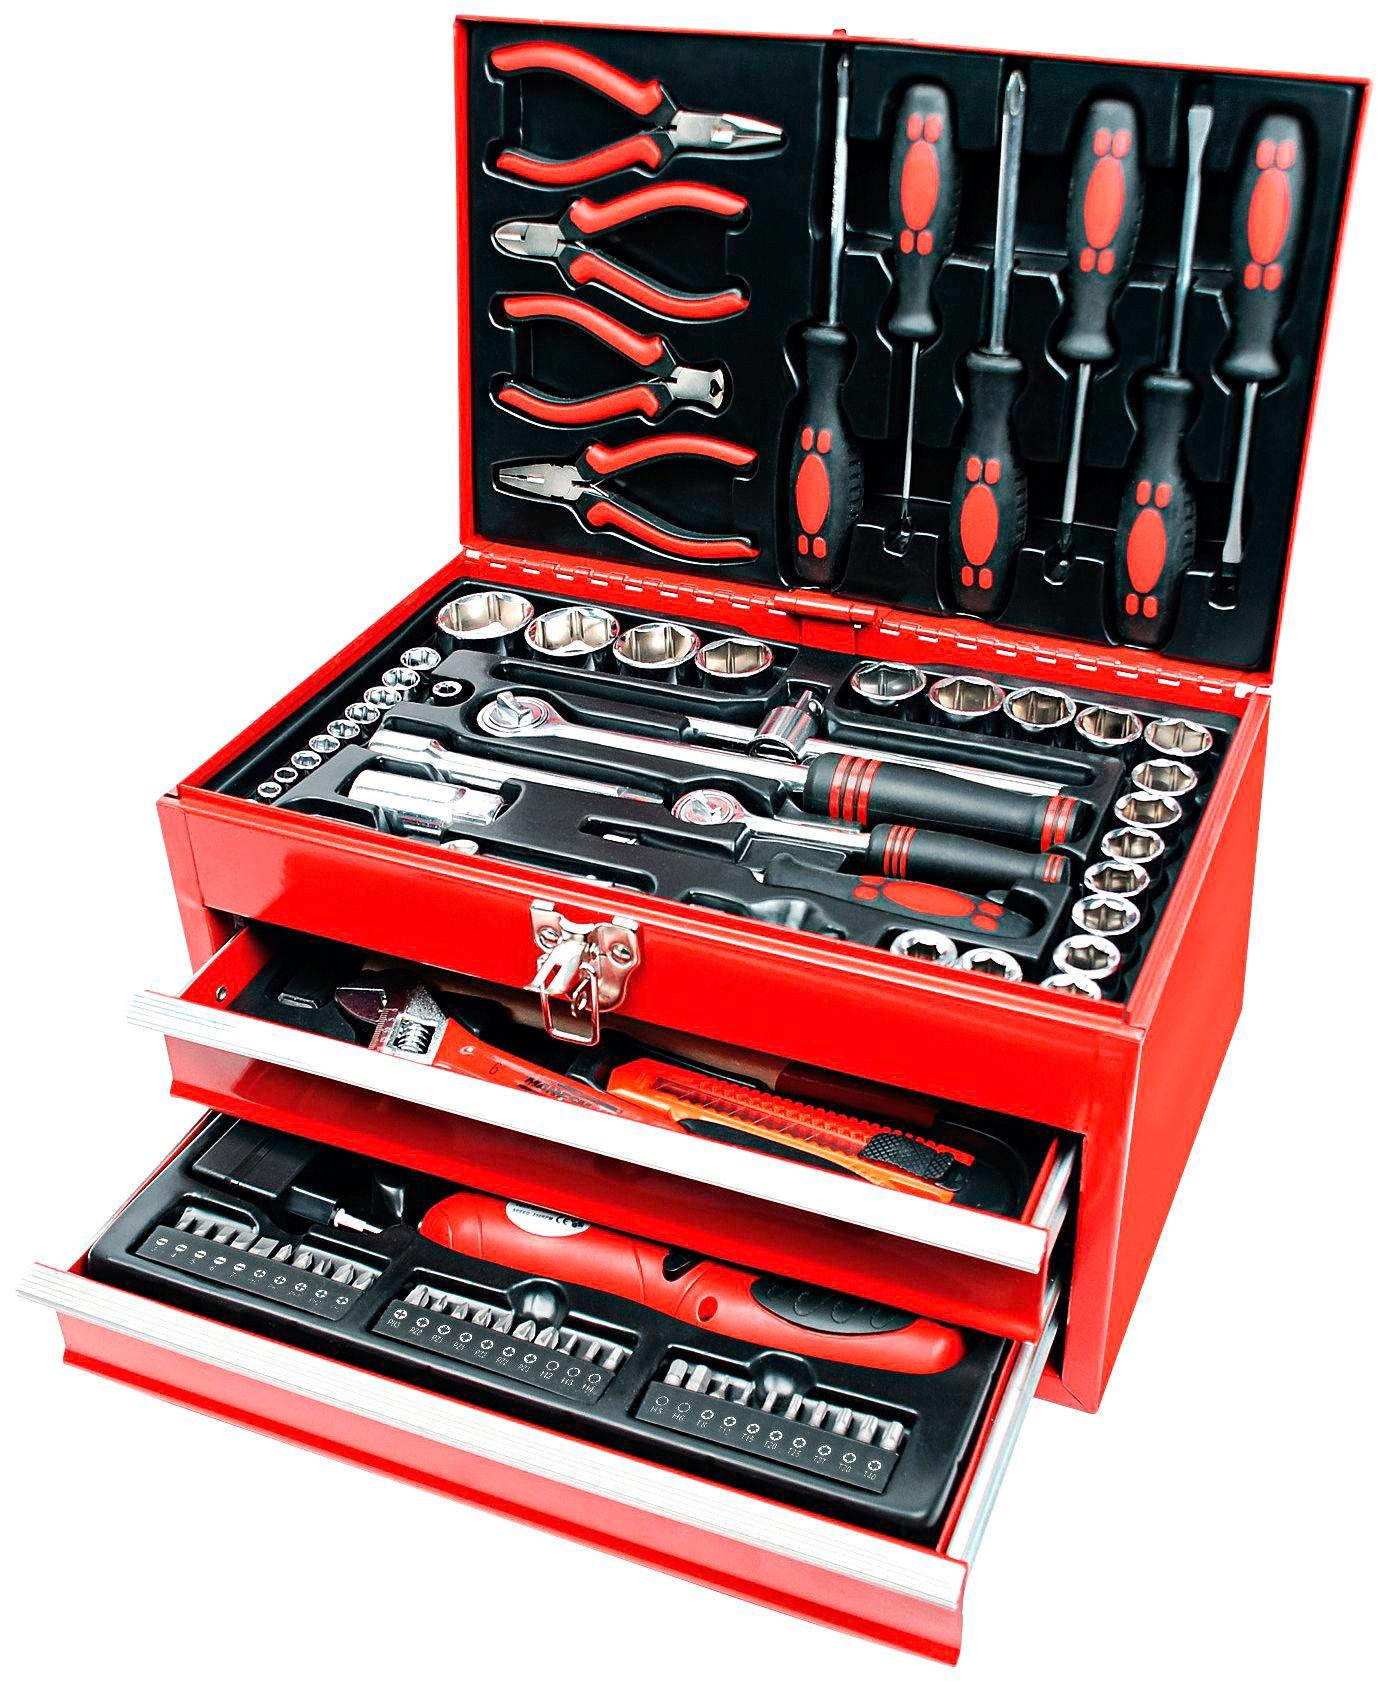 Brueder Mannesmann Werkzeuge Werkzeugbox »155-tlg.« | Baumarkt > Werkzeug > Werkzeug-Sets | Rot | BRUEDER MANNESMANN WERKZEUGE